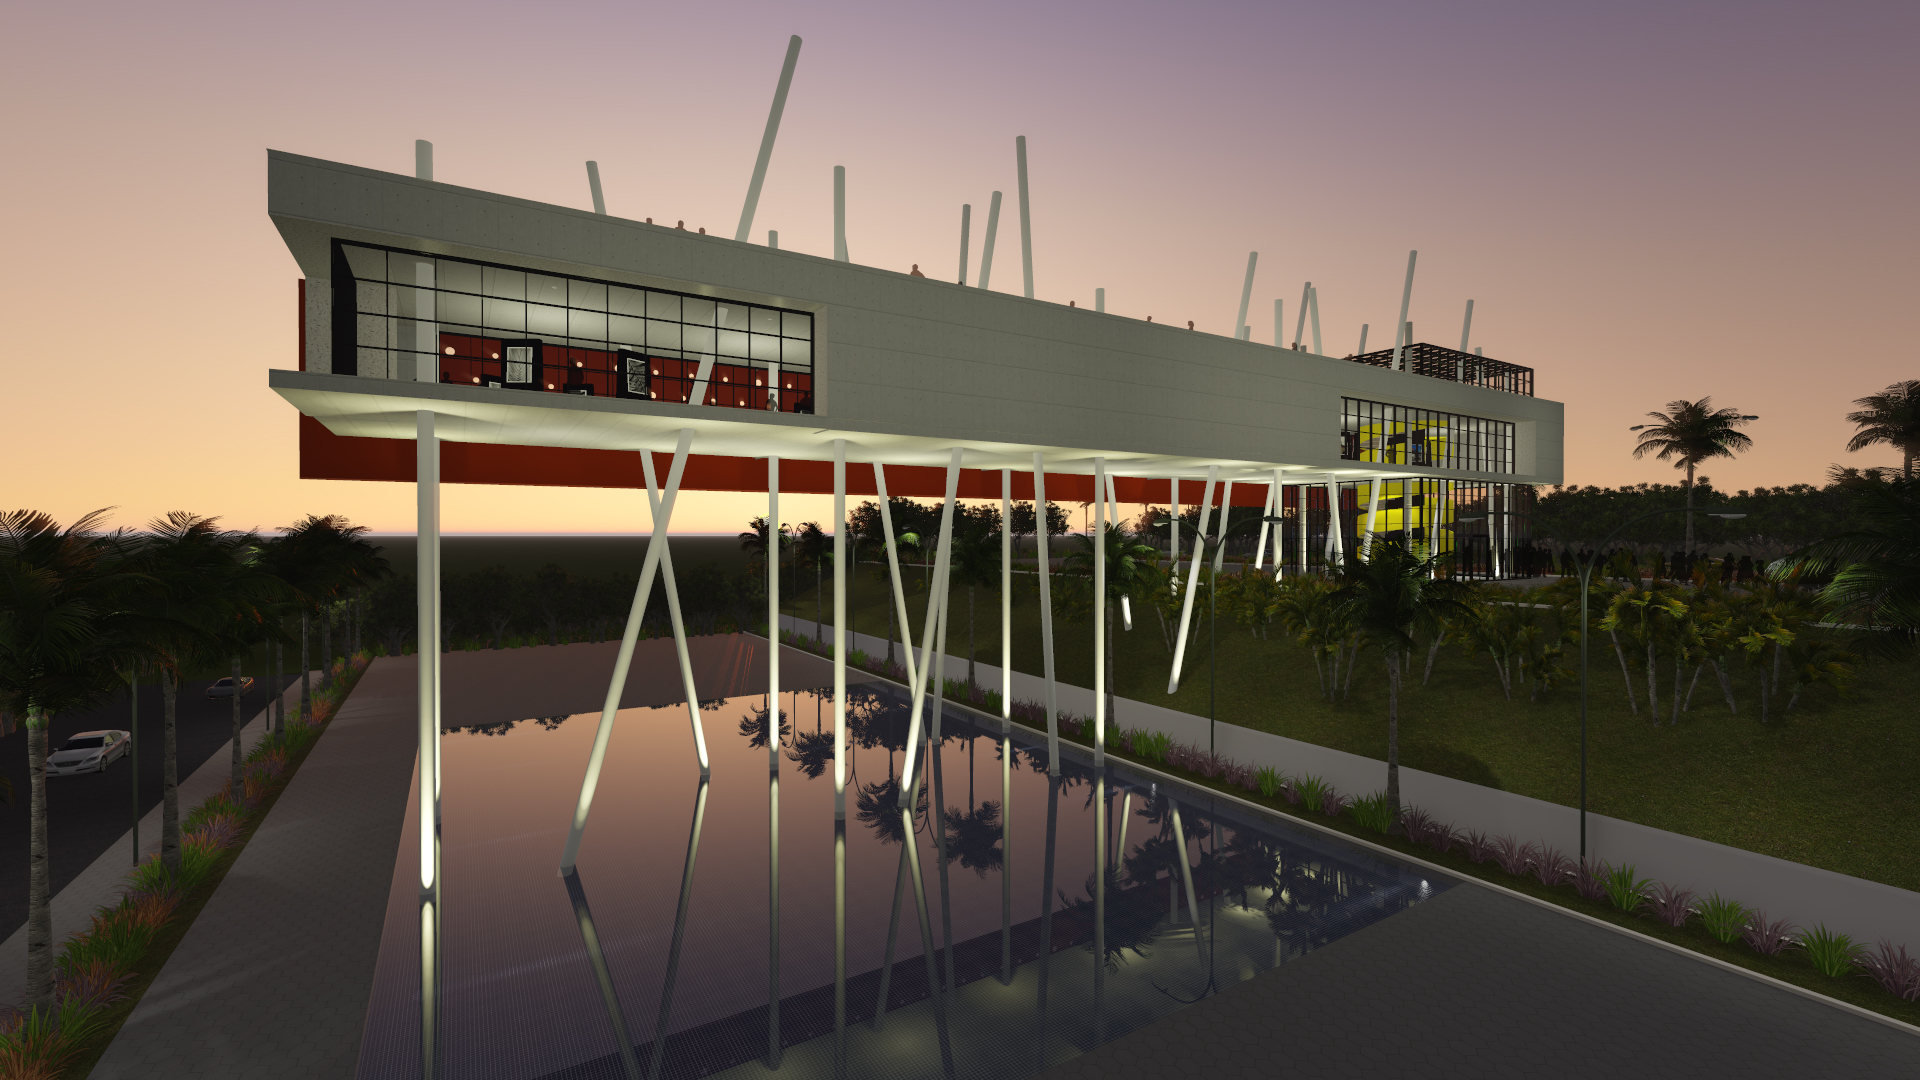 projeto-arquitetonico-museumacaiba-duo-arquitetura-012.jpg